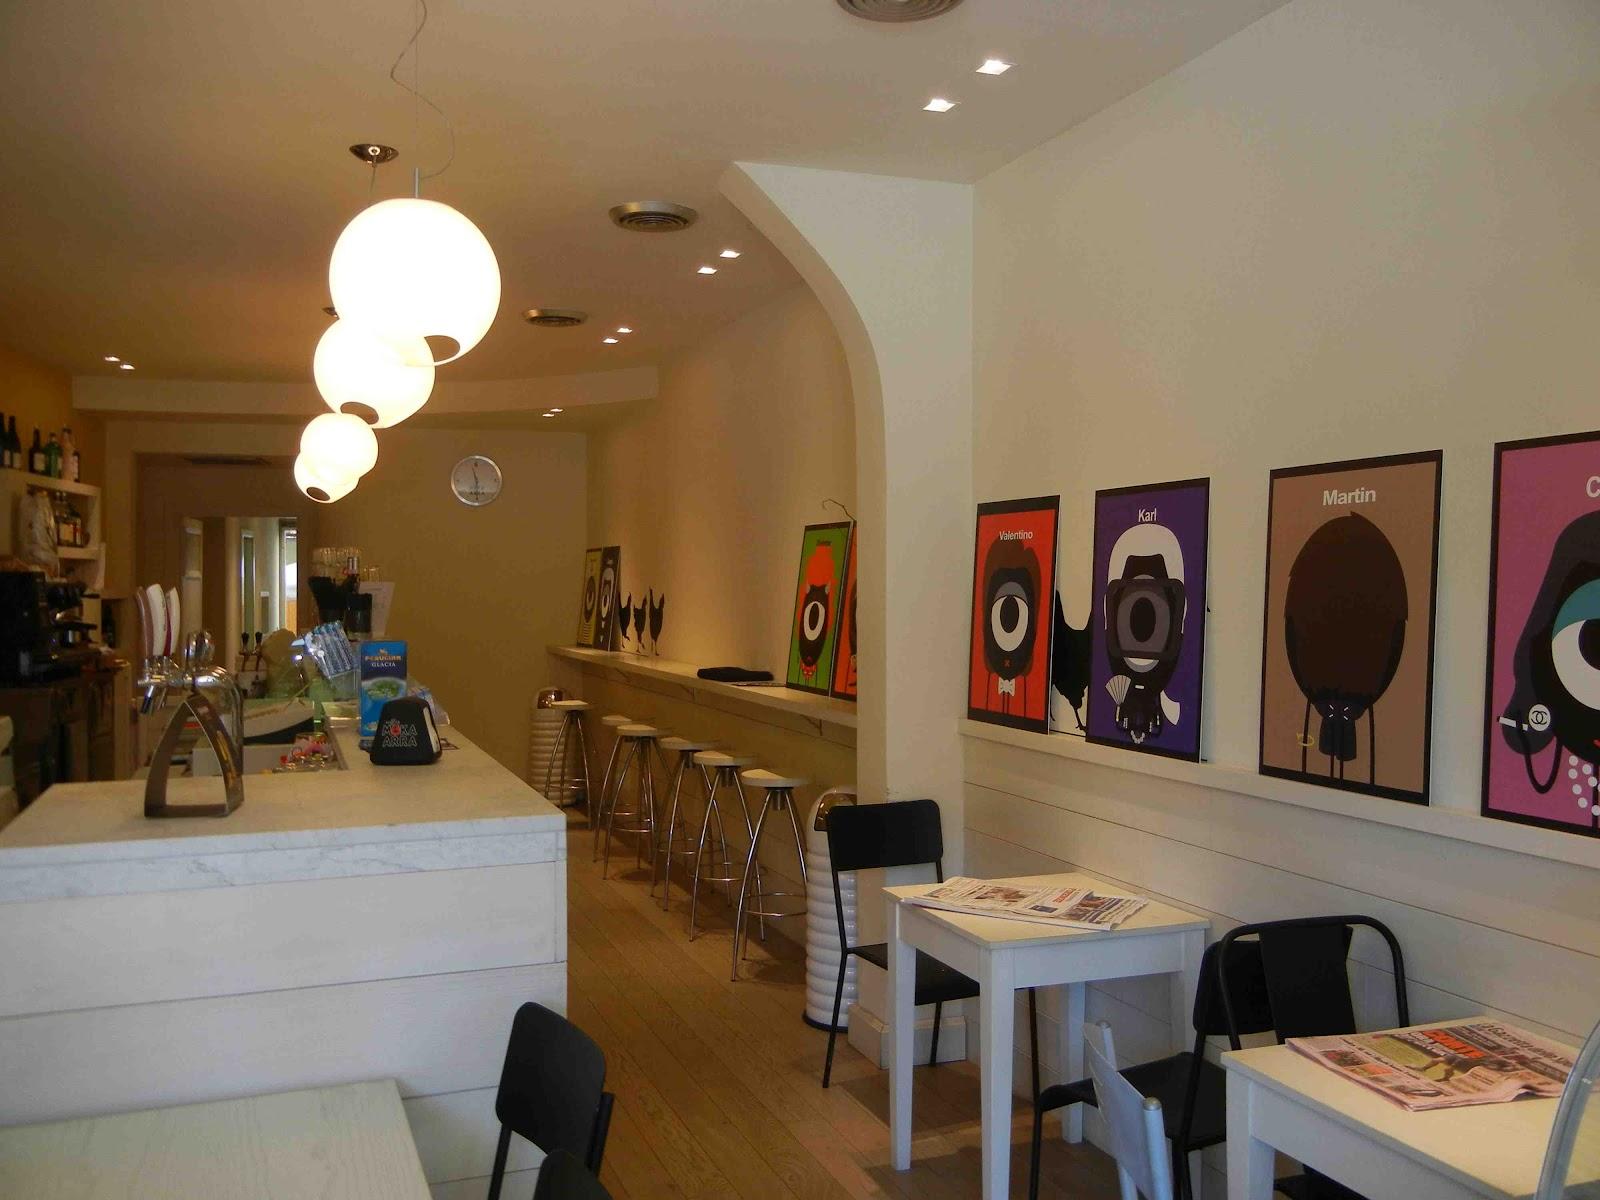 Io amo firenze aperitivo all 39 ovo bar caff nell 39 aia for Giardino orticoltura firenze aperitivo